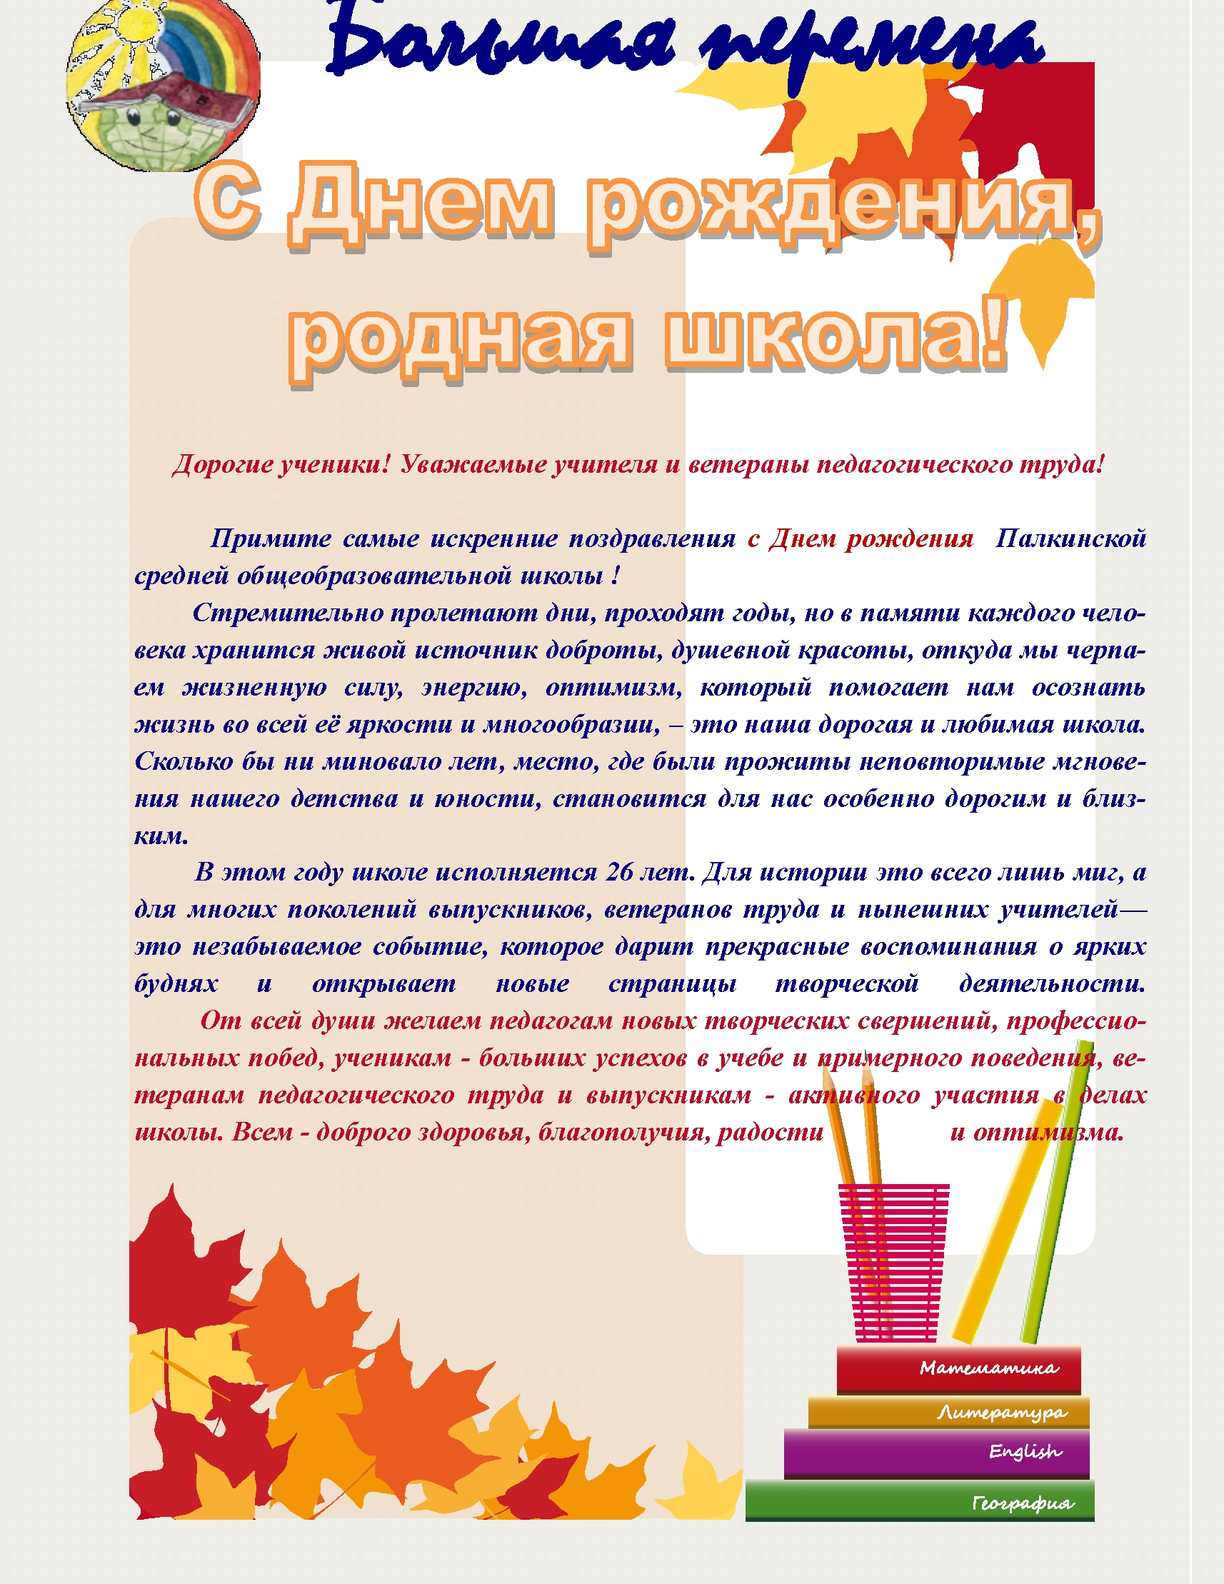 http://p.calameoassets.com/131023134015-79aeb0e8c27743cf6c9d10f57881b5aa/p1.jpg